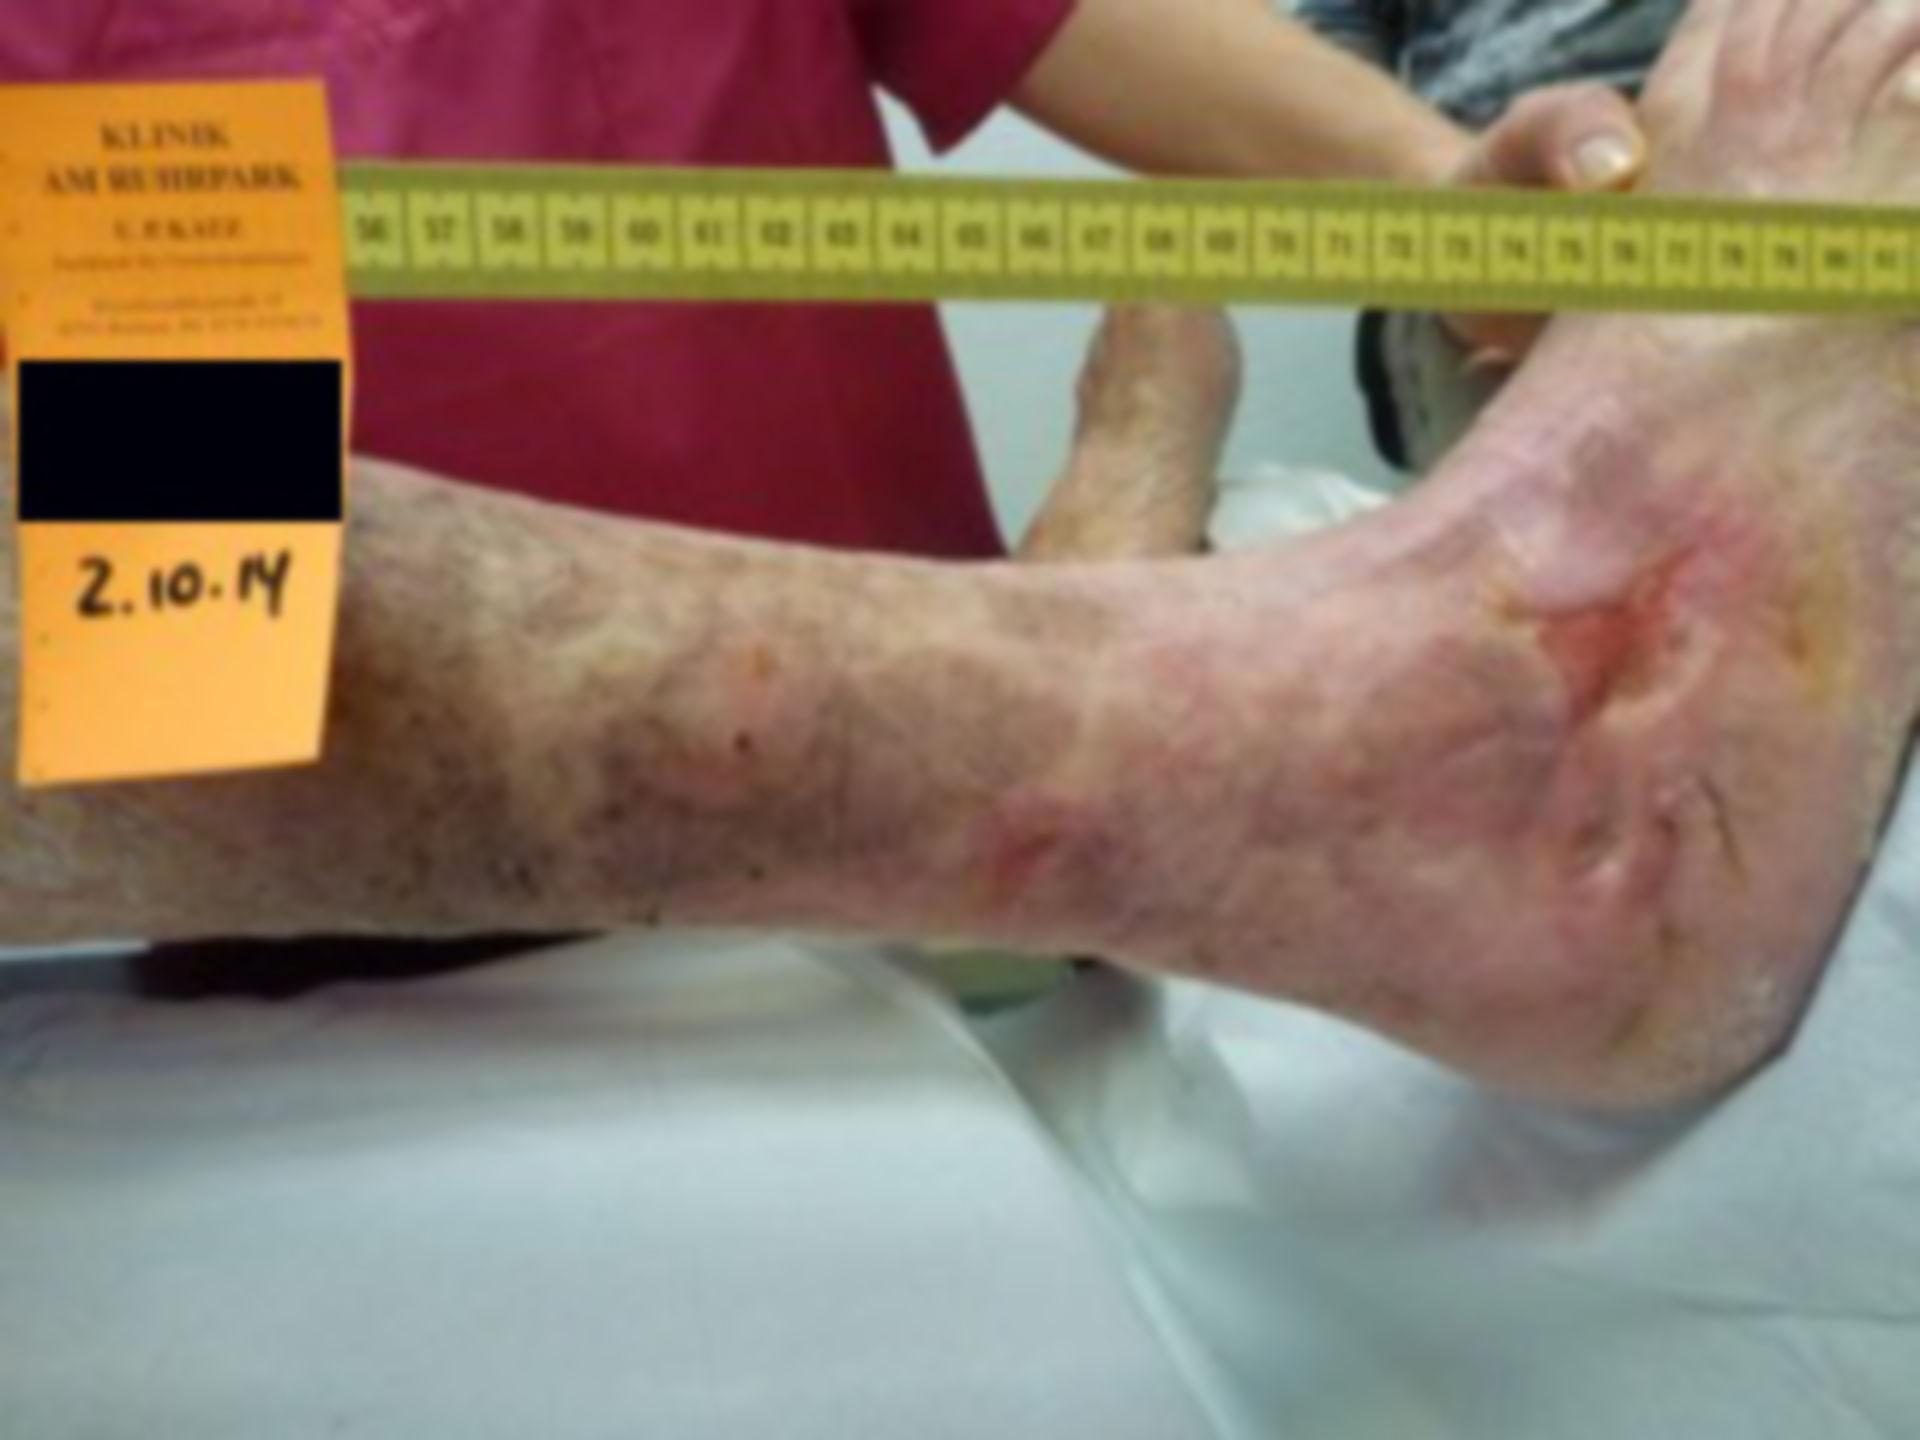 Úlcera de la pierna - abierta por 40 años (27)